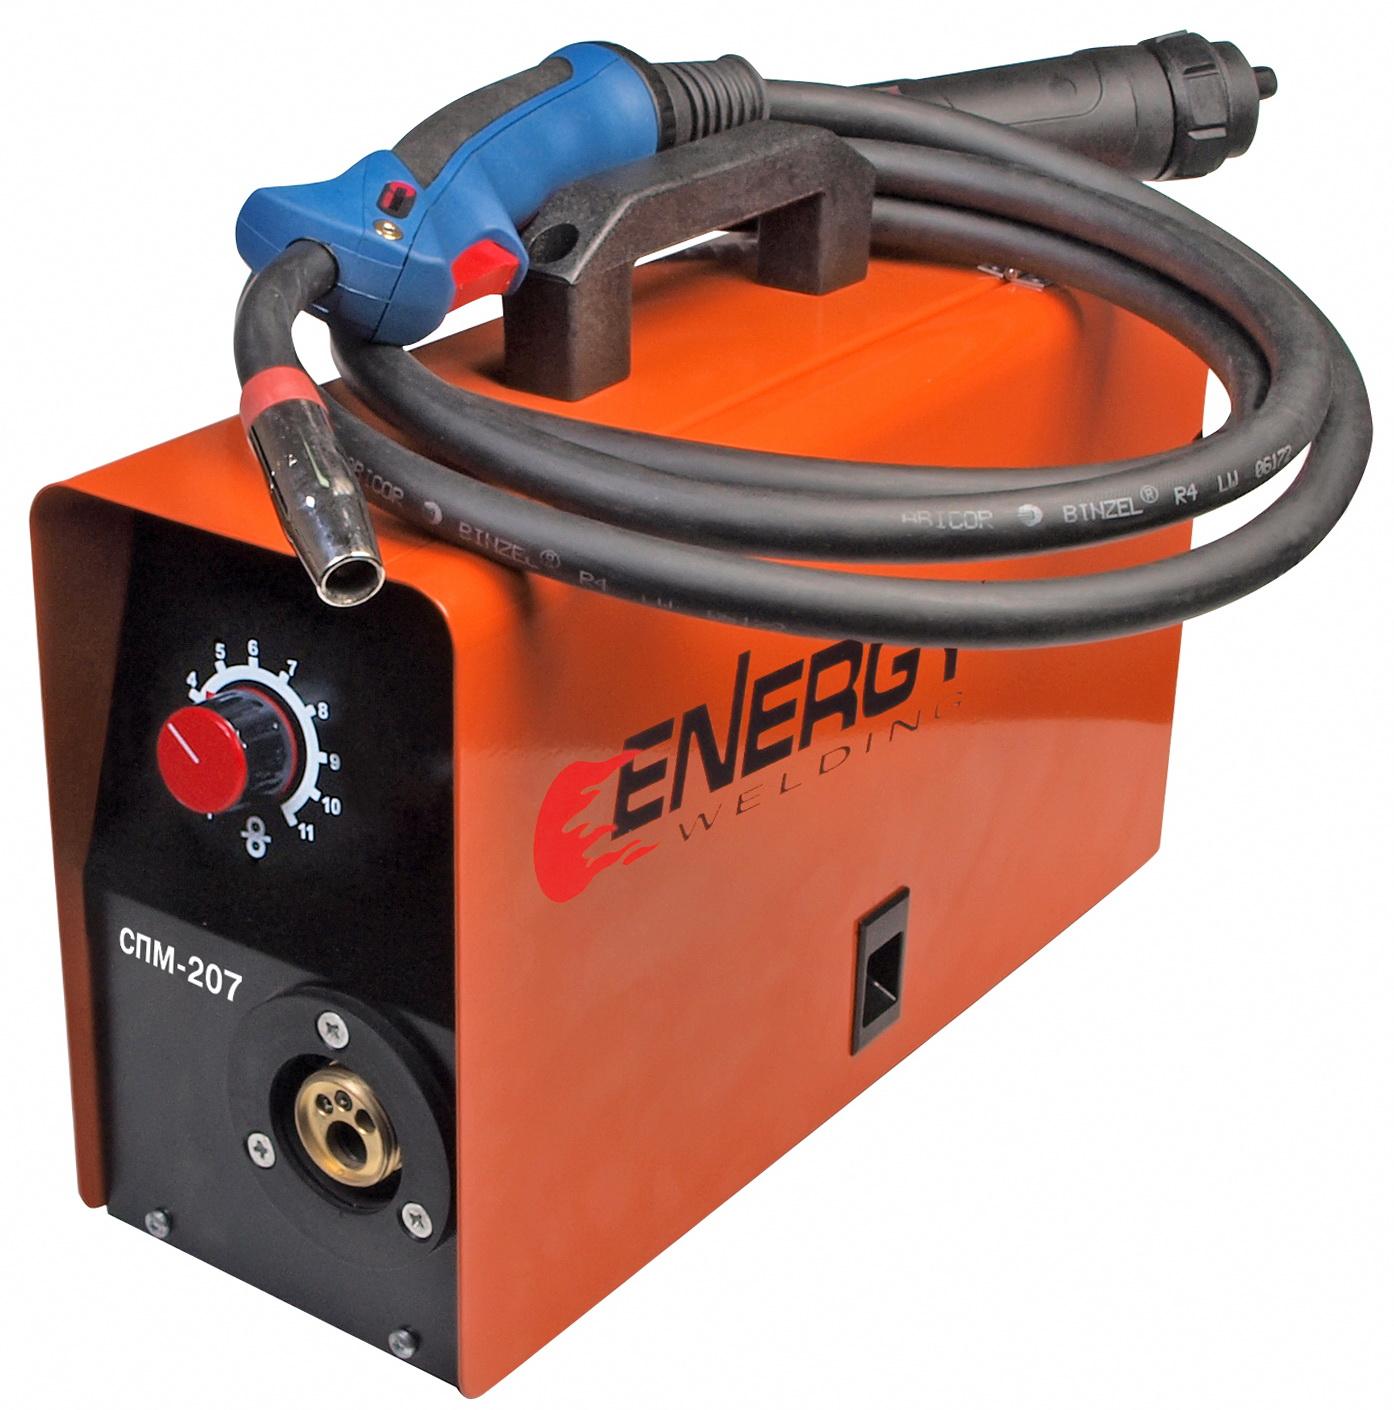 Сварка полуавтоматом без газа: как настроить оборудование и выбрать проволок